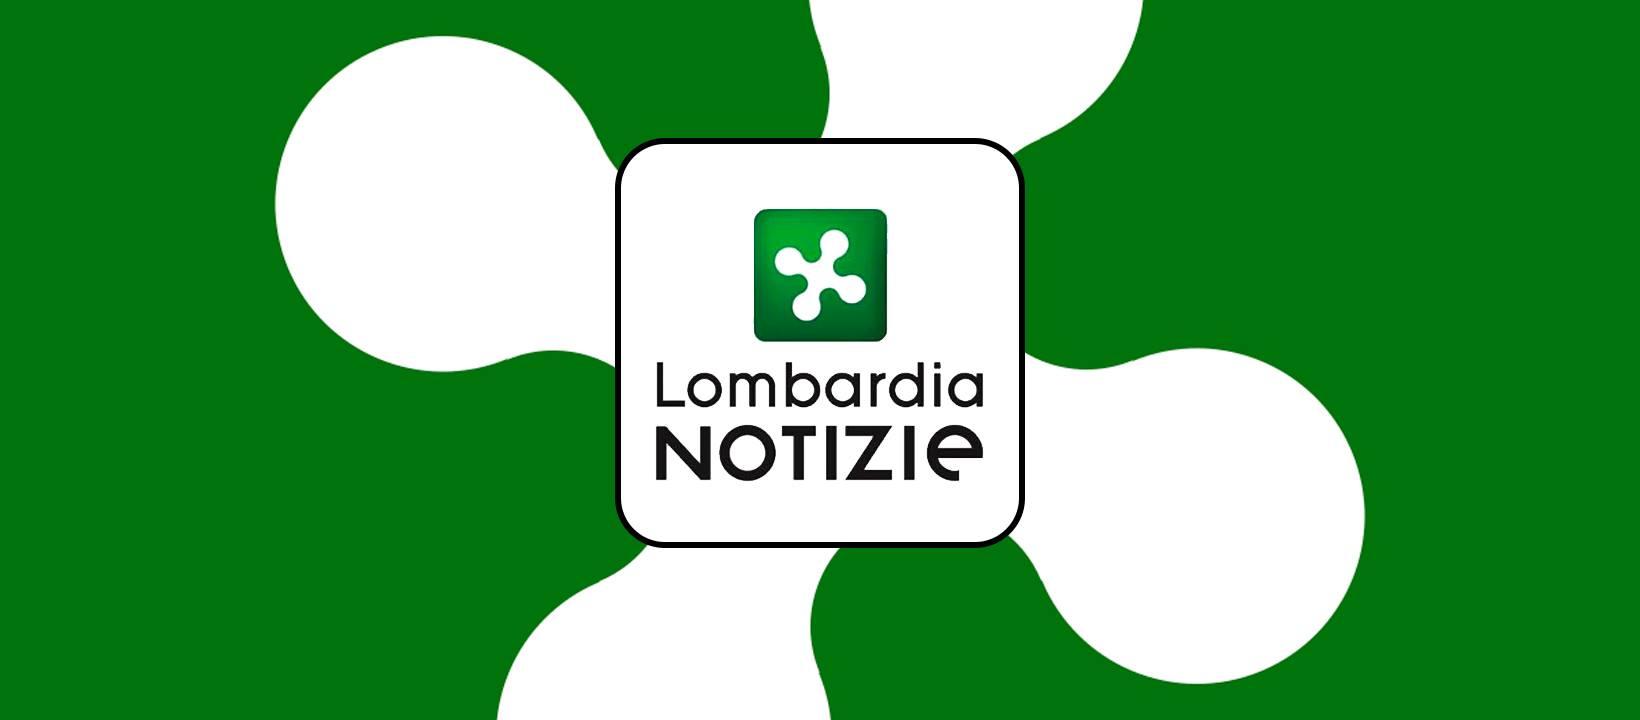 contratti-in-scadenza-a-lombardia-notizie,-associazione-giornalisti:-poca-attenzione-dalla-regione.